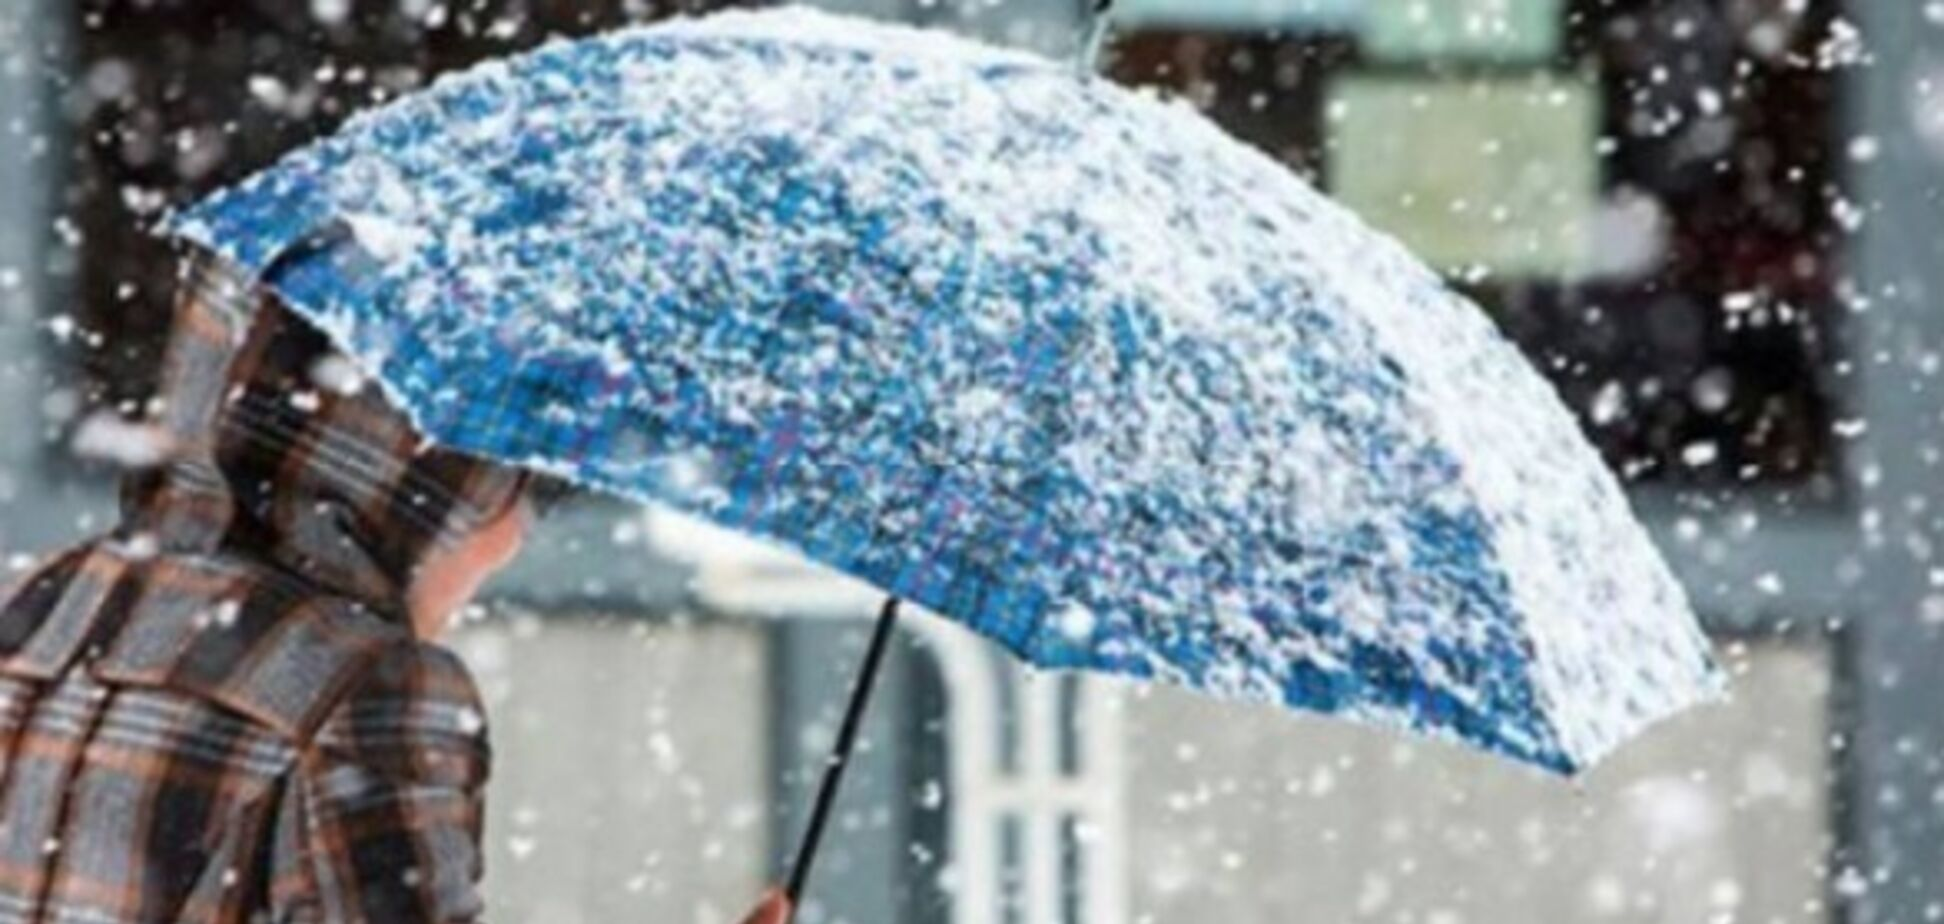 Ударят морозы и засыпет снегом: синоптики уточнили прогноз погоды на неделю